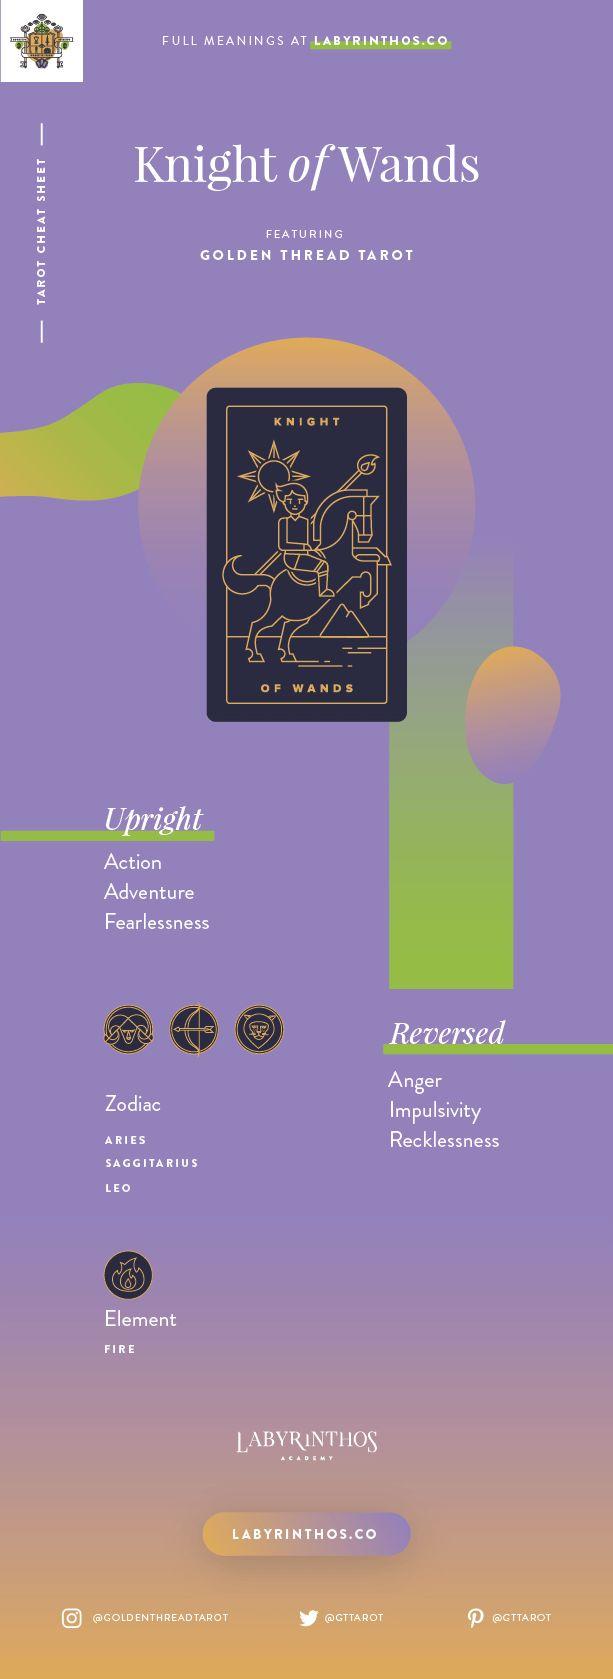 Knight of Wands Meaning - Tarot Card Meanings Cheat Sheet. Art from Golden Thread Tarot.